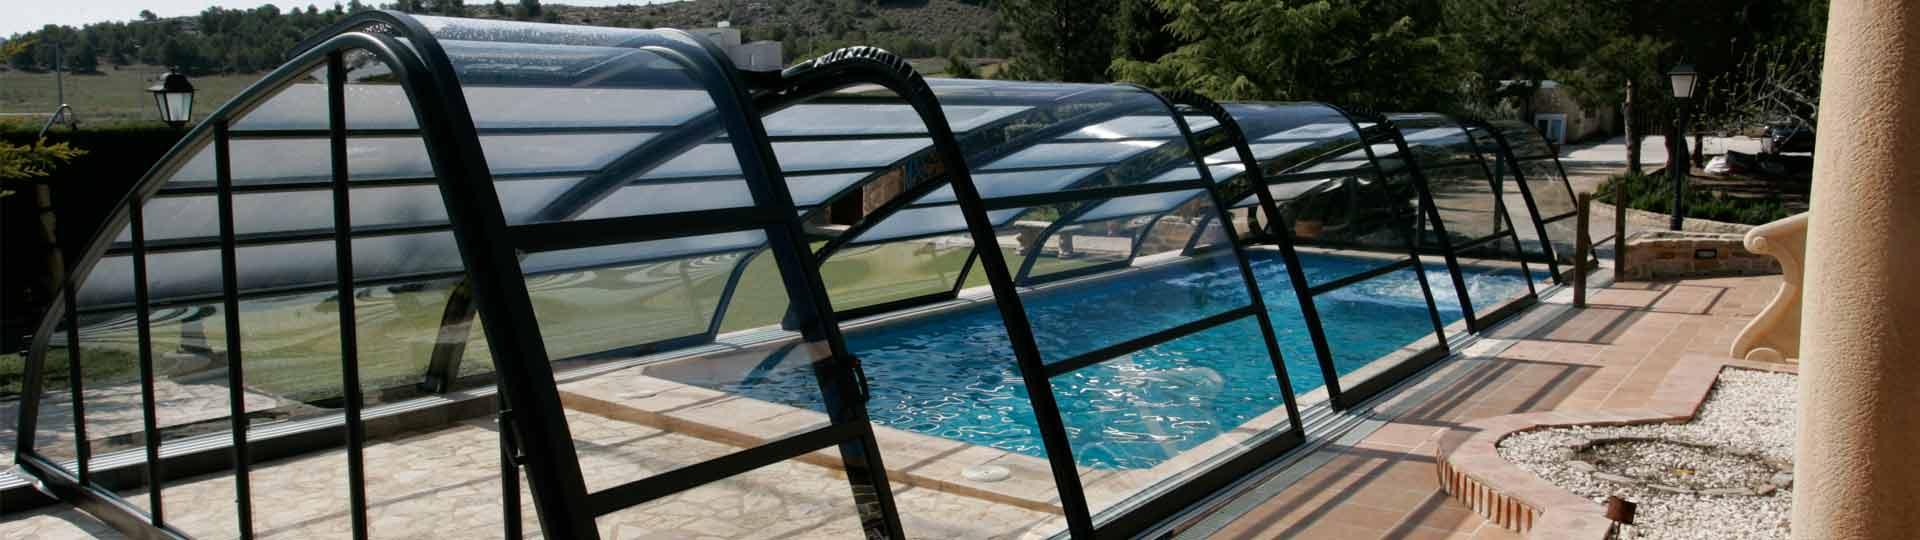 consejos-limpiar-cubierta-de-piscina